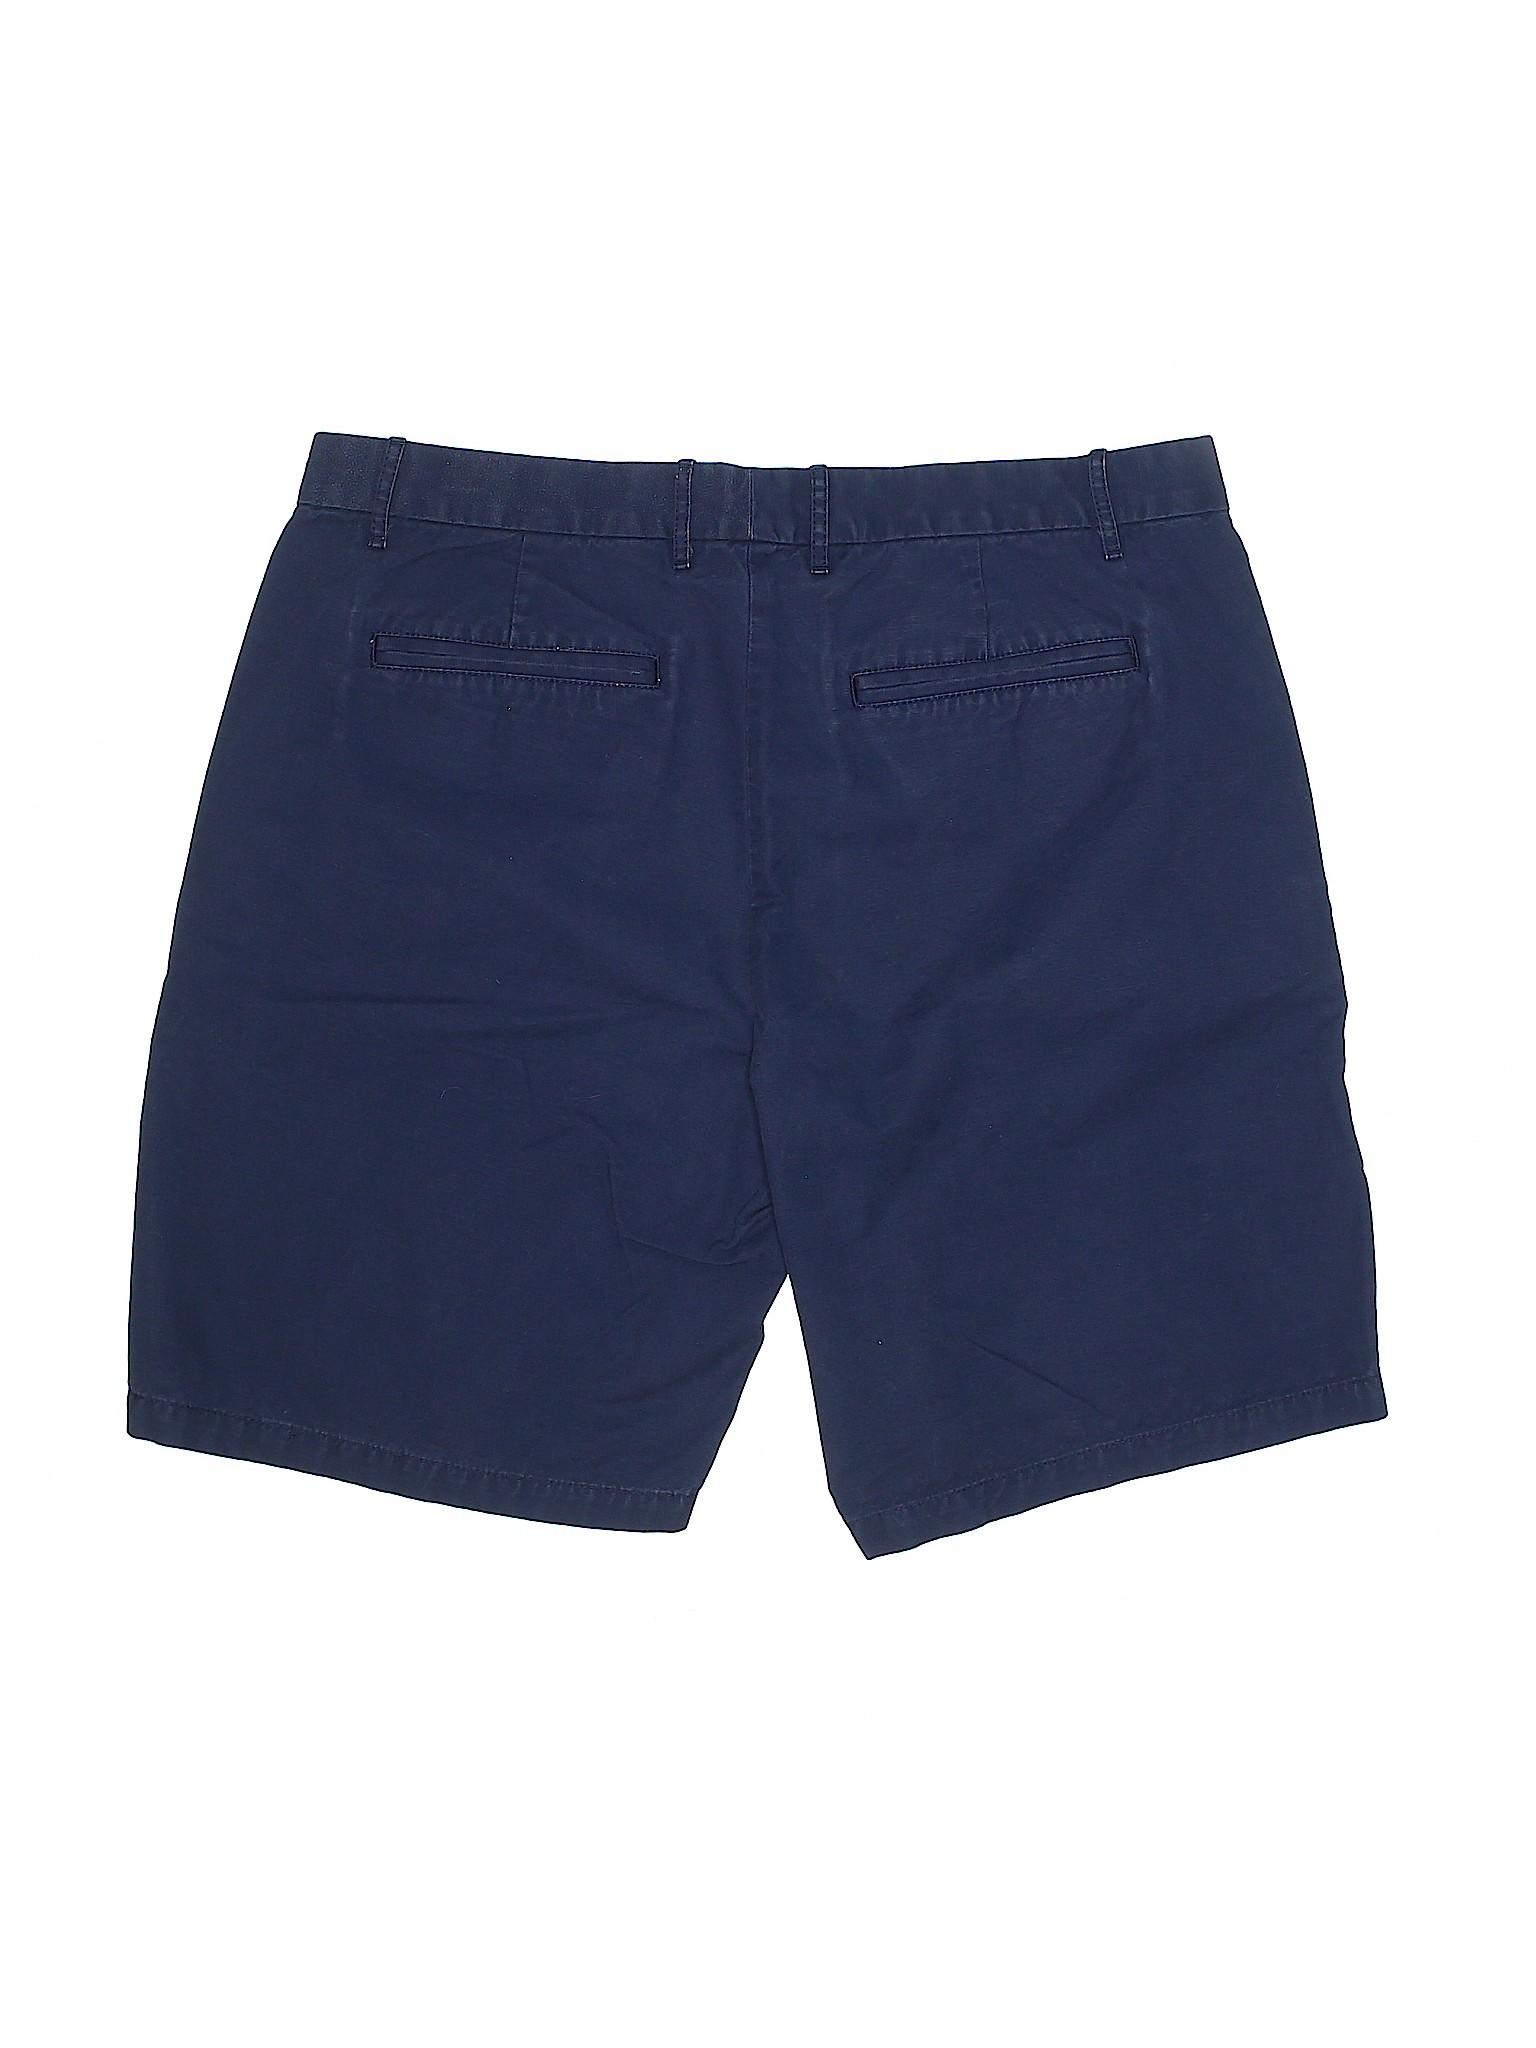 Shorts Gap Boutique Gap Khaki Khaki Boutique Shorts Boutique xCq8wBz8